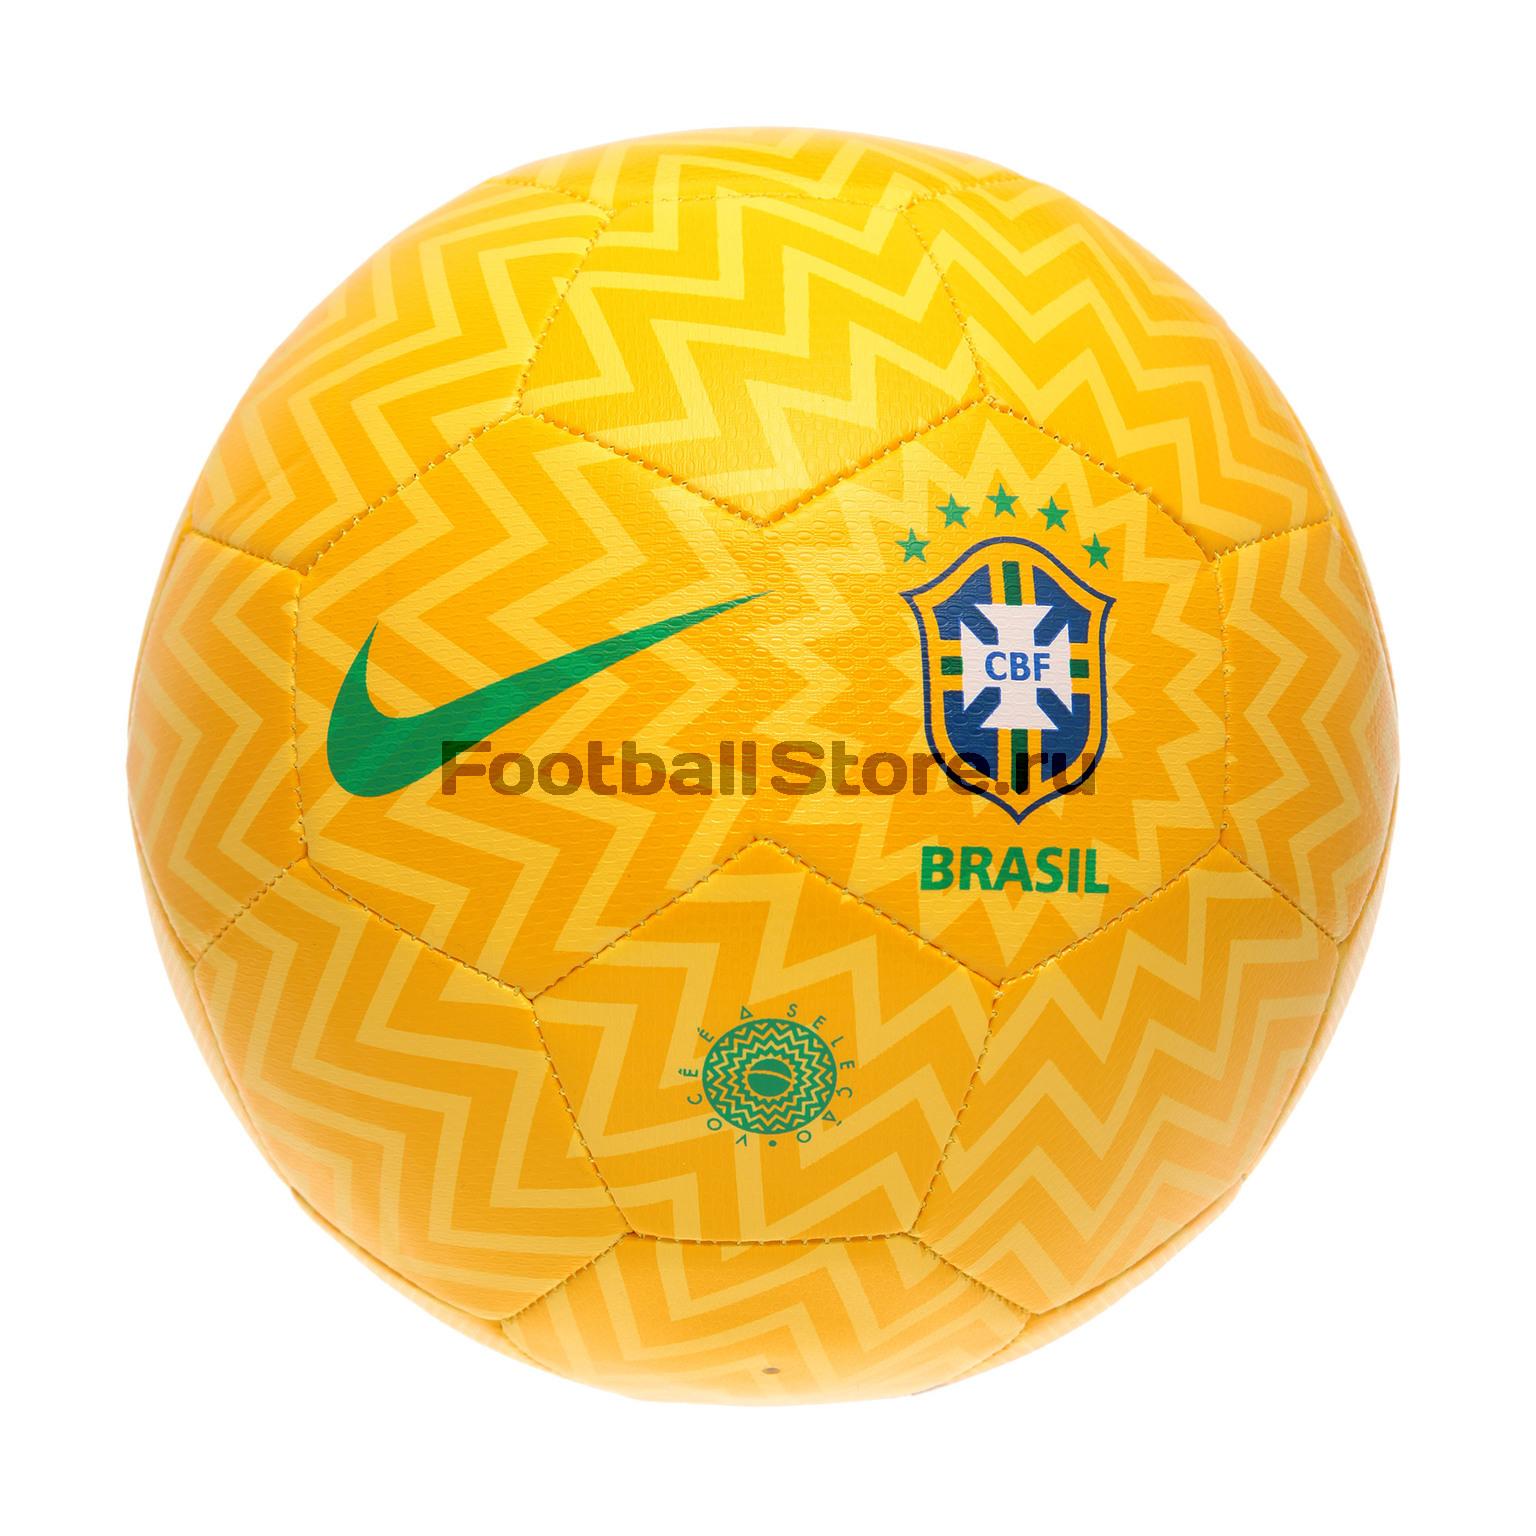 цена на Футбольный мяч Nike сб. Бразилии SC3237-750